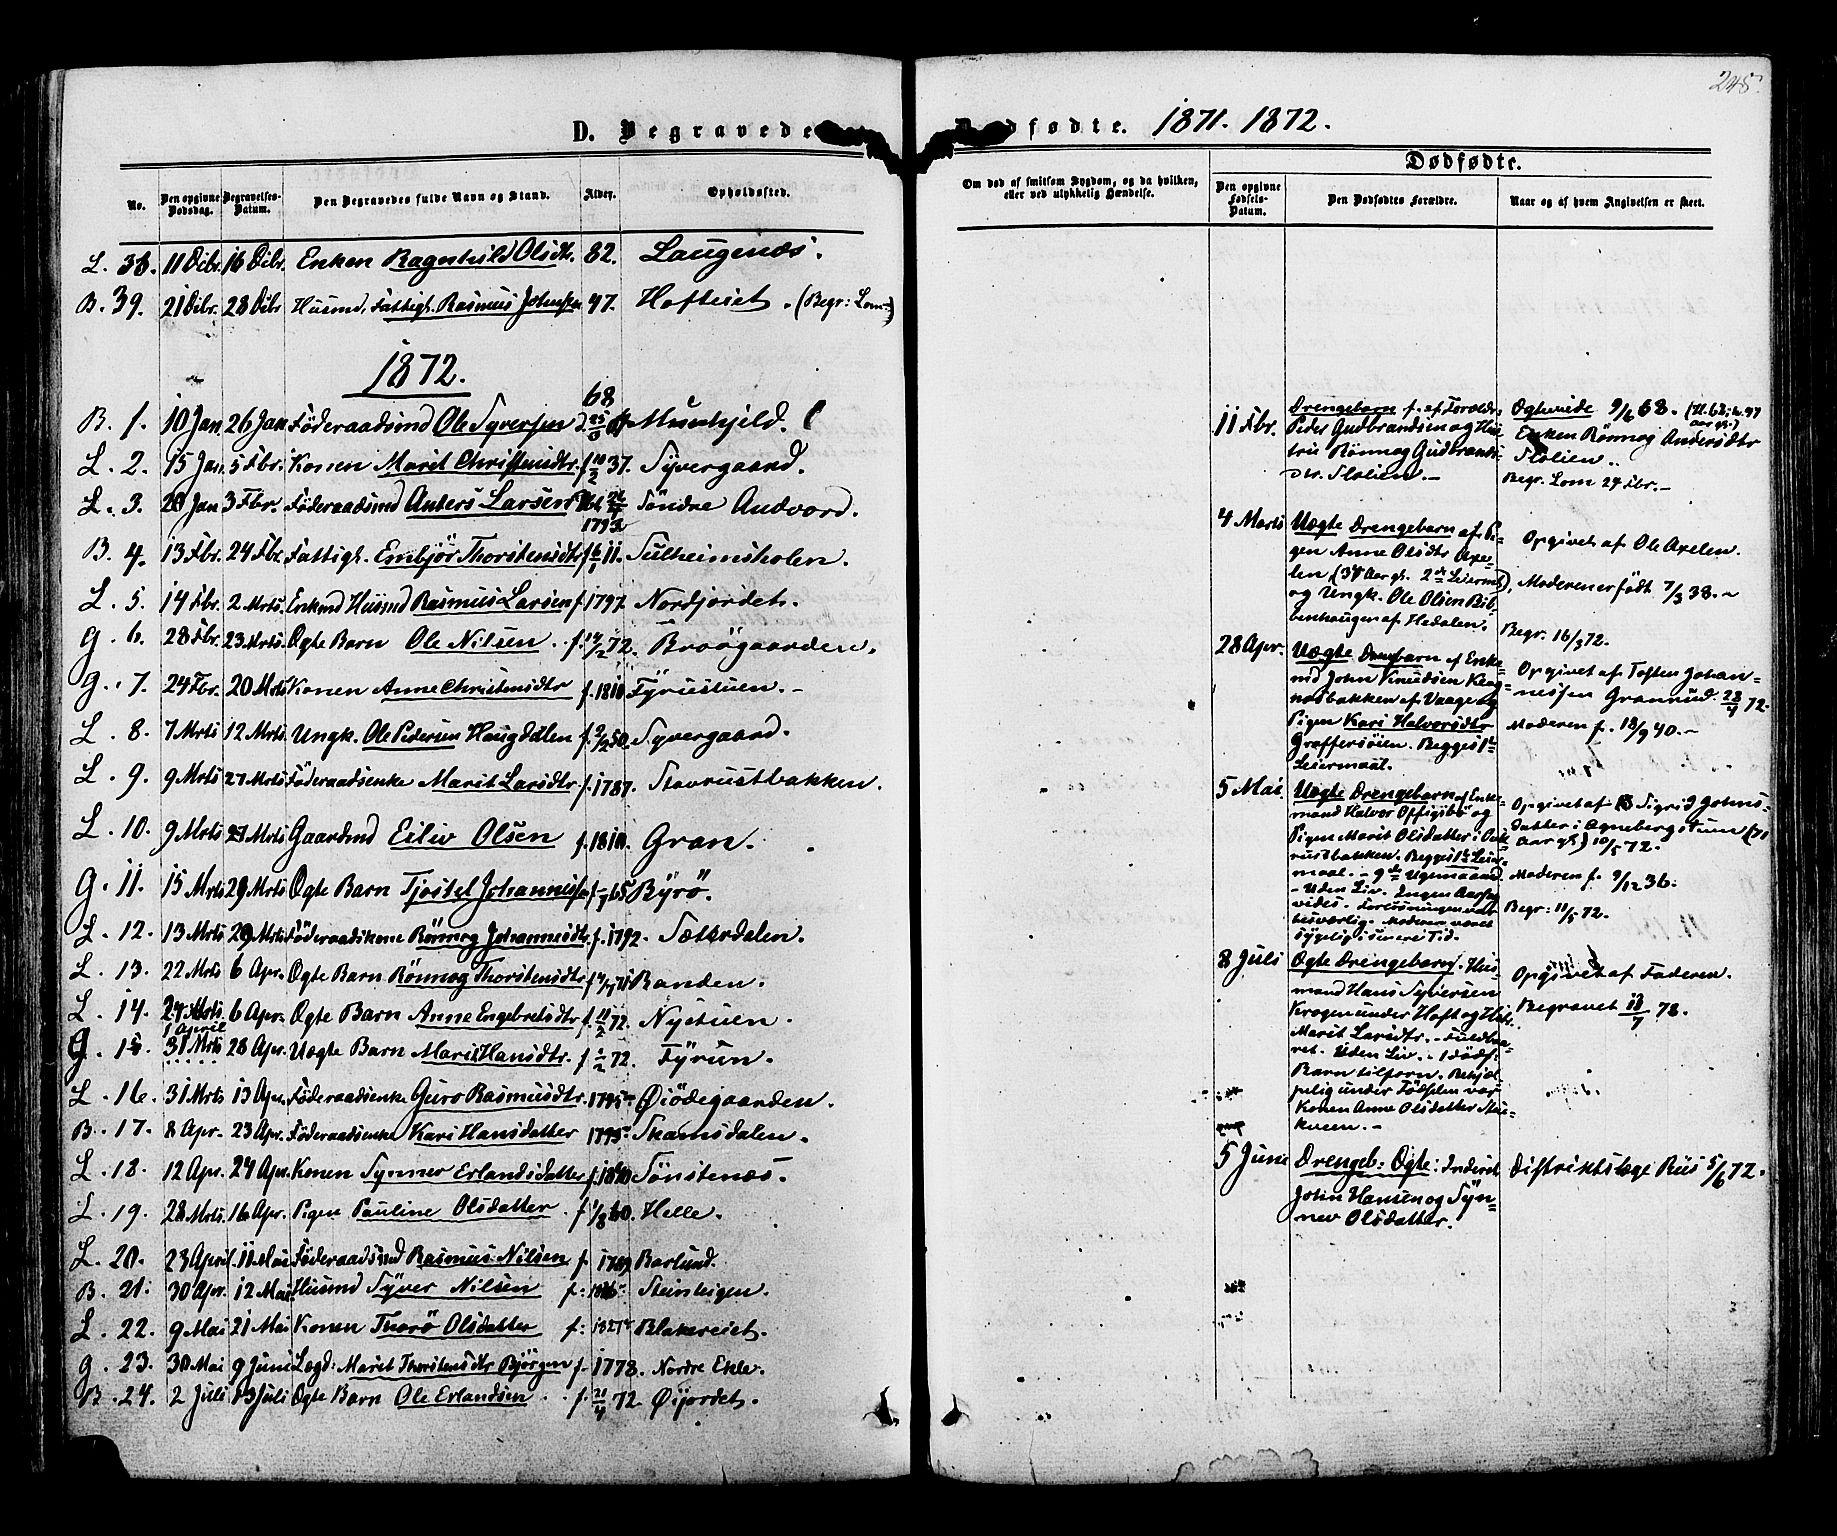 SAH, Lom prestekontor, K/L0007: Ministerialbok nr. 7, 1863-1884, s. 248